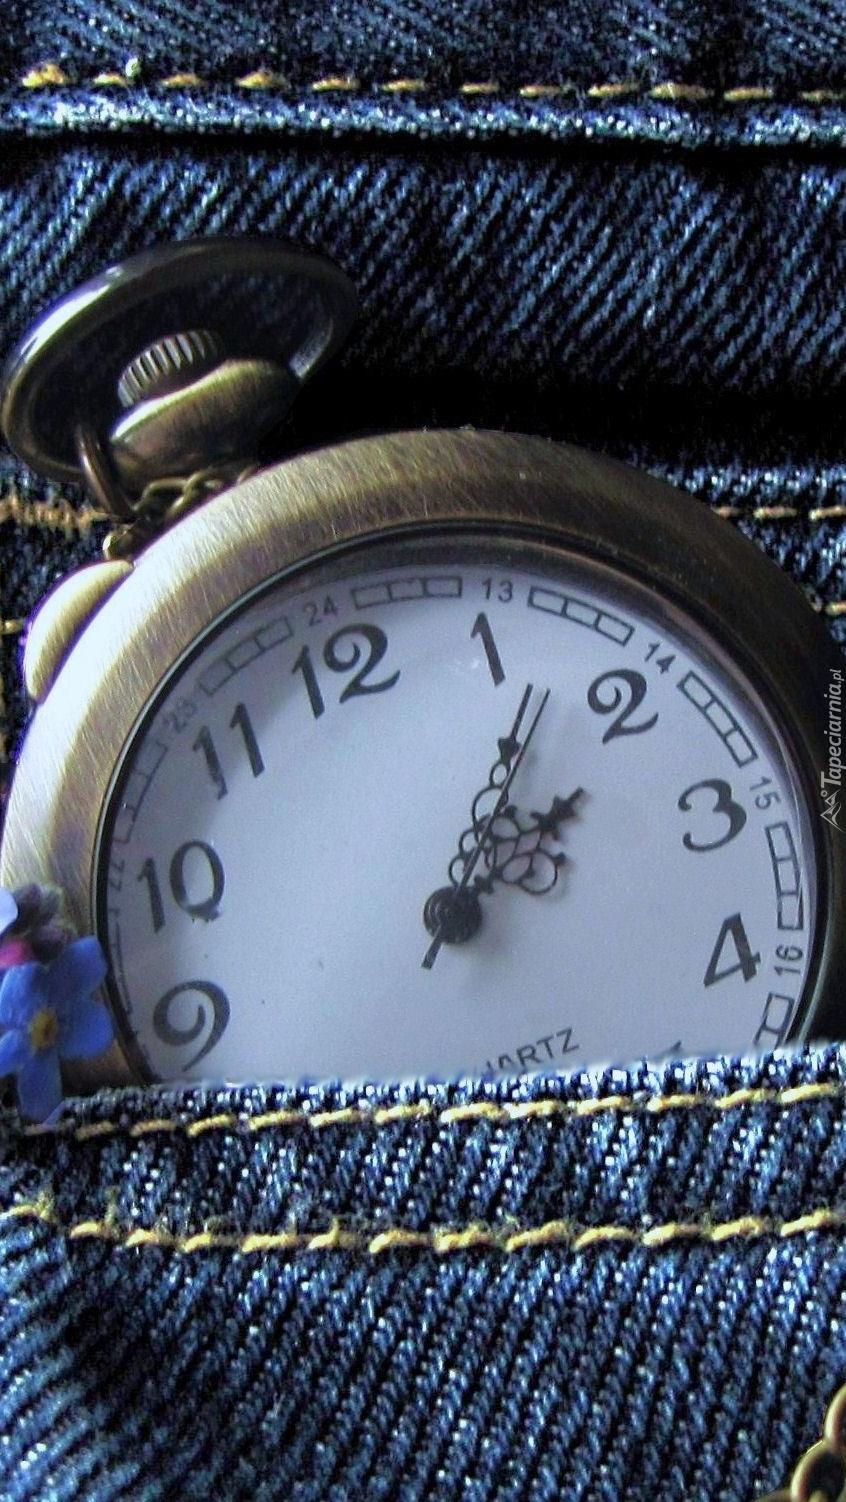 Dziadkowy zegarek w kieszeni